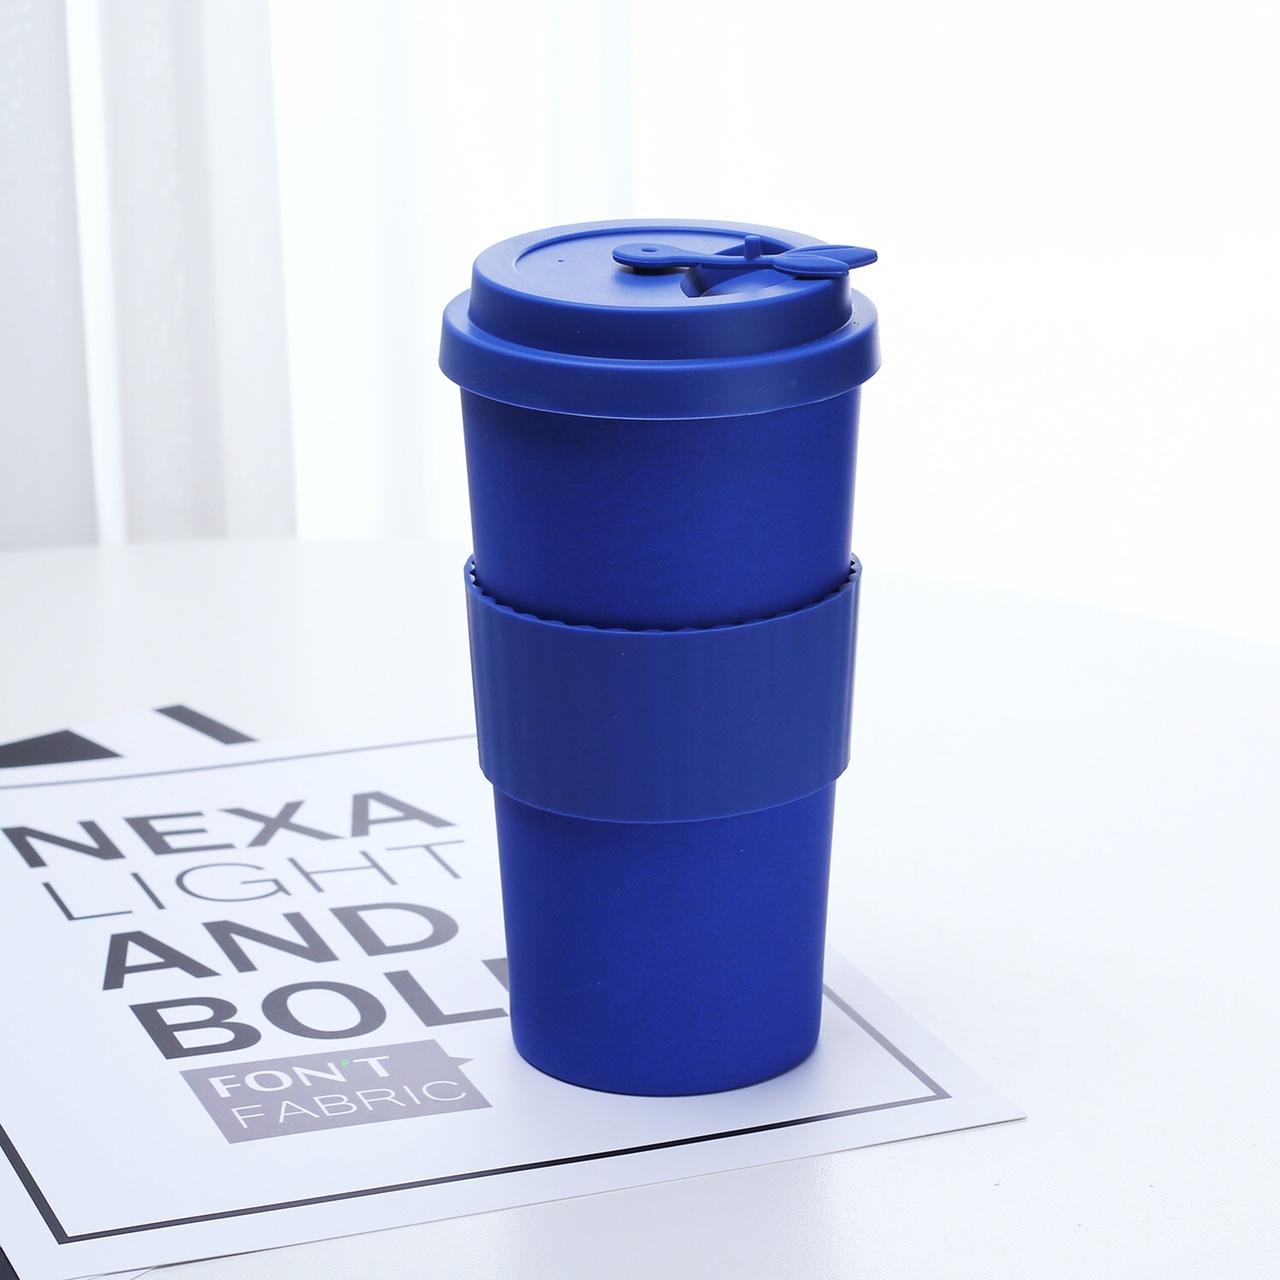 亚马逊货源 竹纤维咖啡杯素色 500ml 现货独立包装